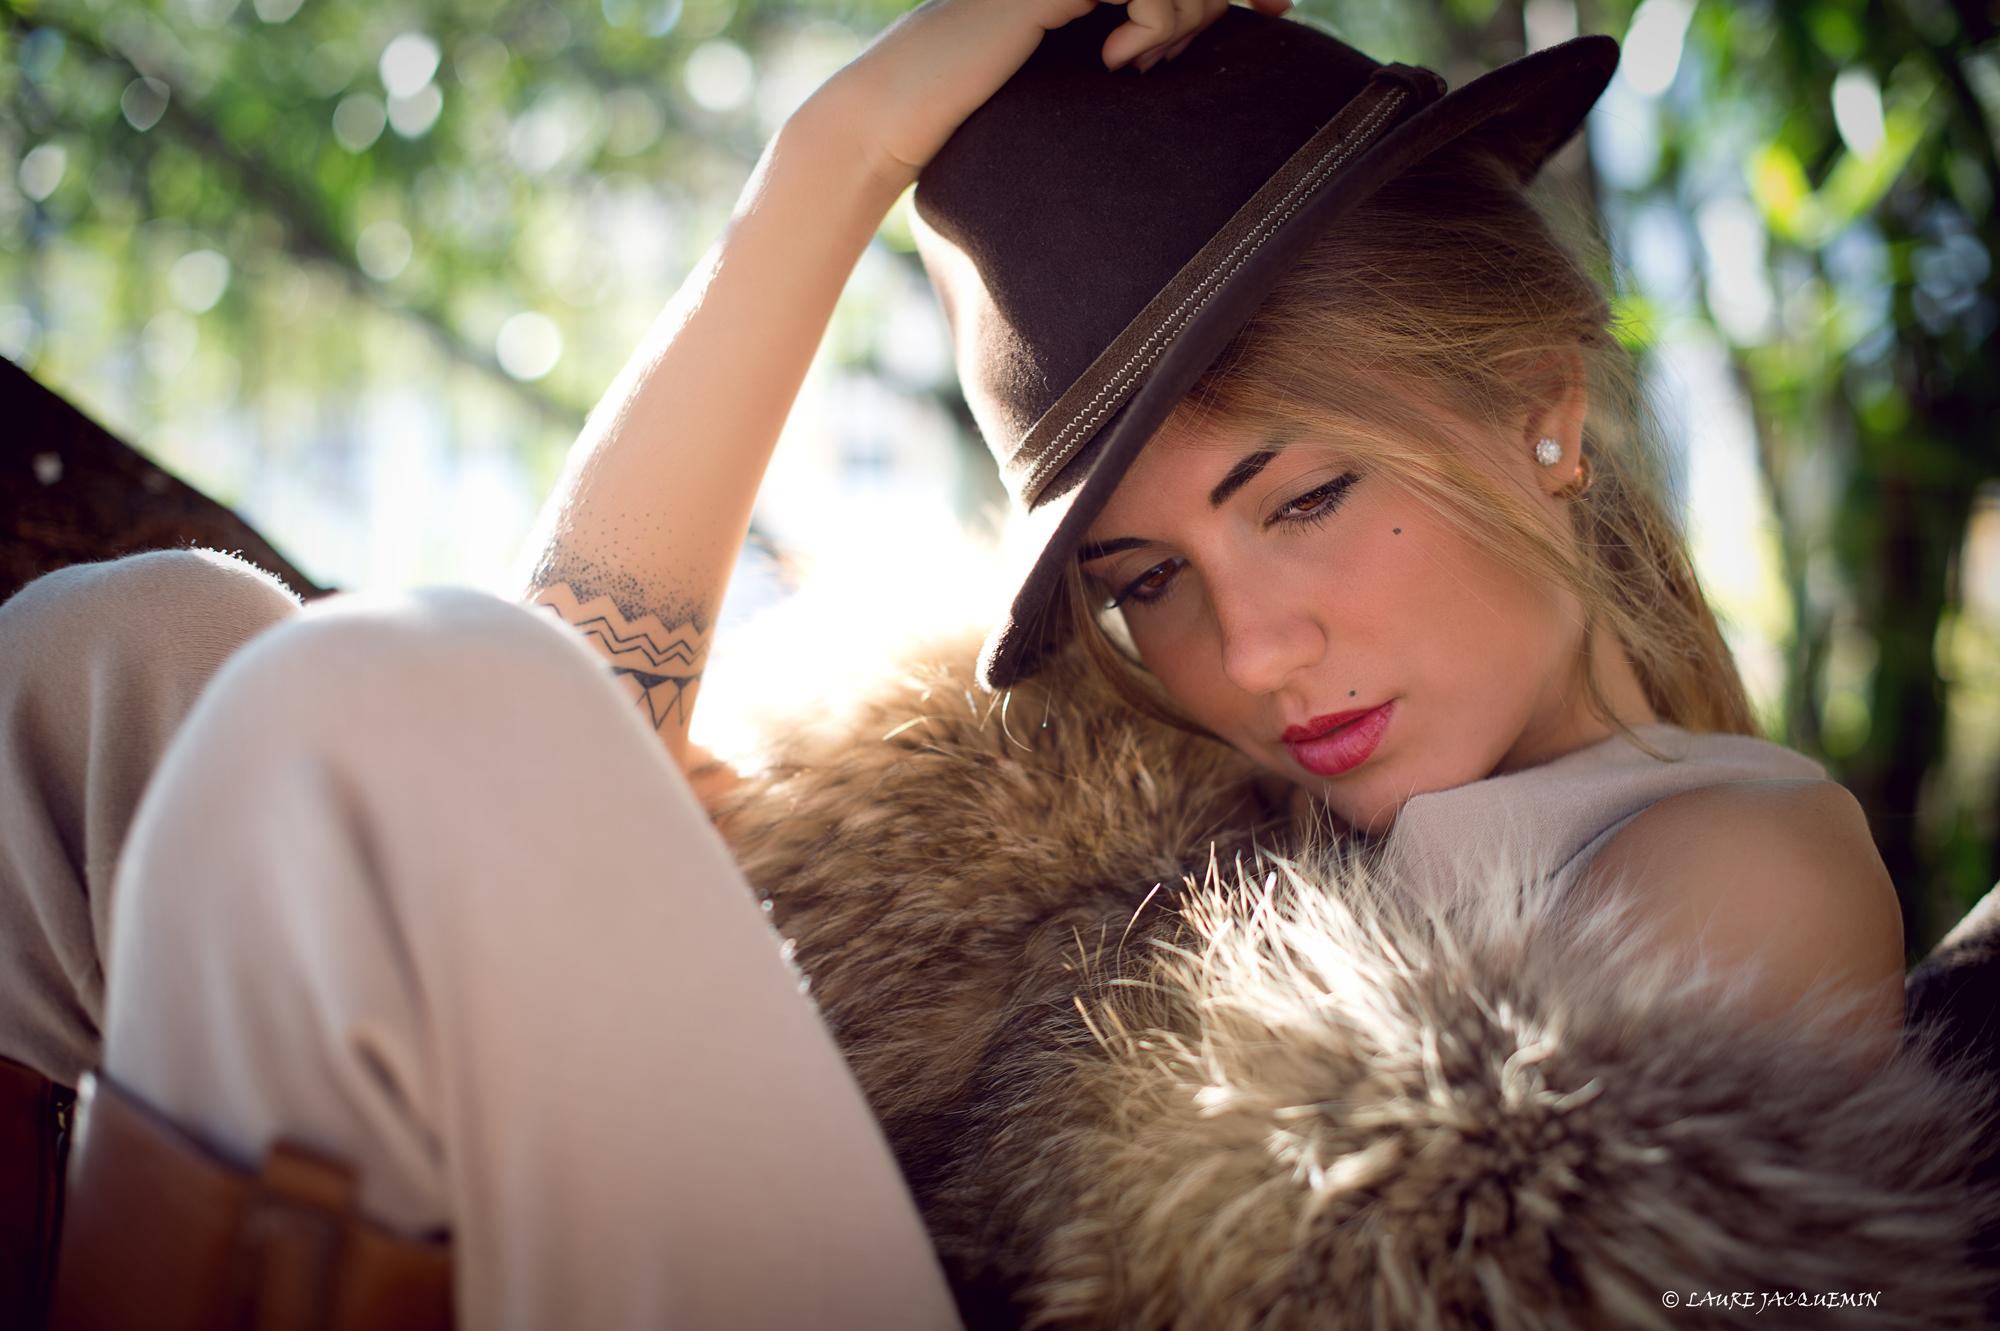 laure jacquemin PORTRAIT venice photography model artists (17).jpg